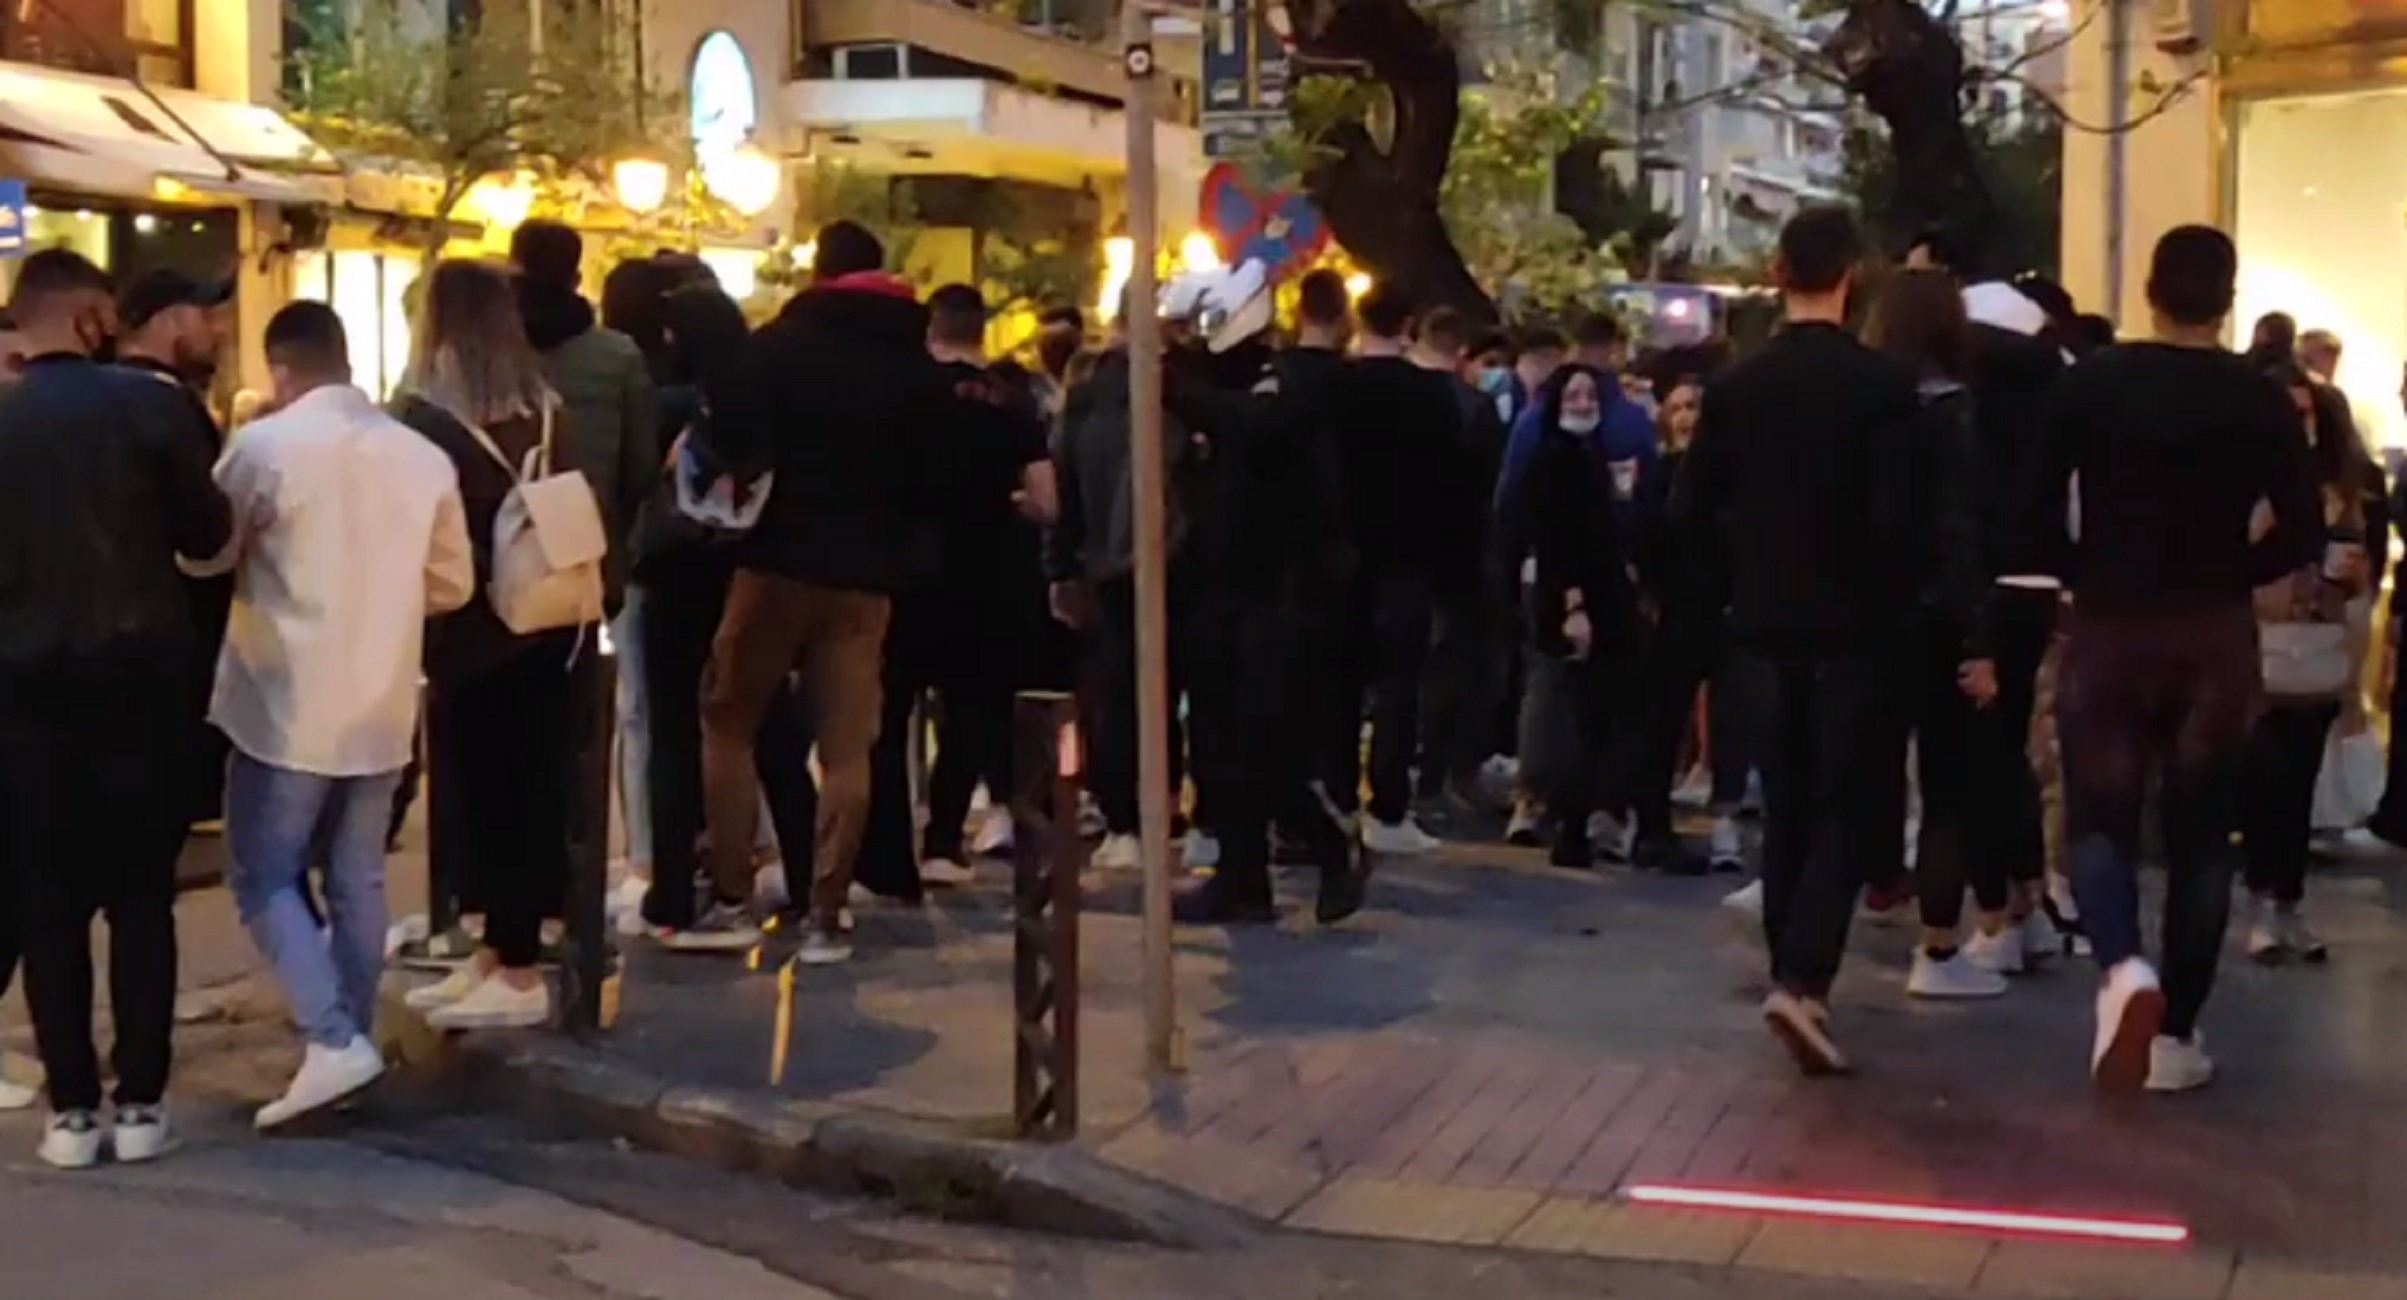 Θεσσαλονίκη: Η στιγμή που αστυνομικός ζητάει από νεαρούς να τηρούν τις αποστάσεις – Η αντίδραση στην κάμερα (video)